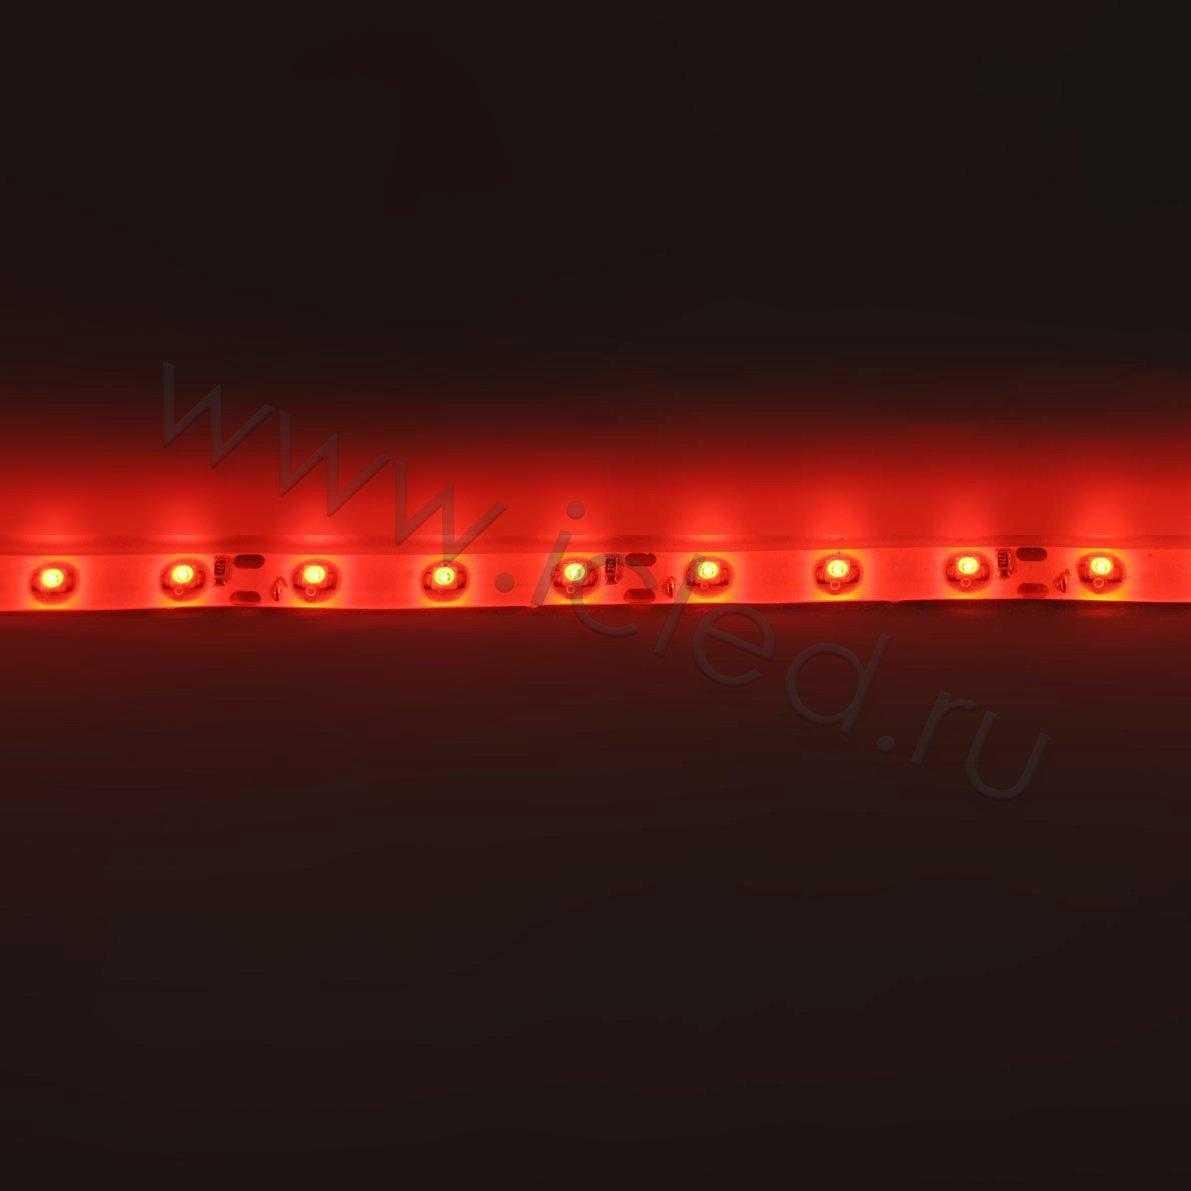 Светодиодная лента Econom class, 3528, 60led/m, Red, 12V, IP65